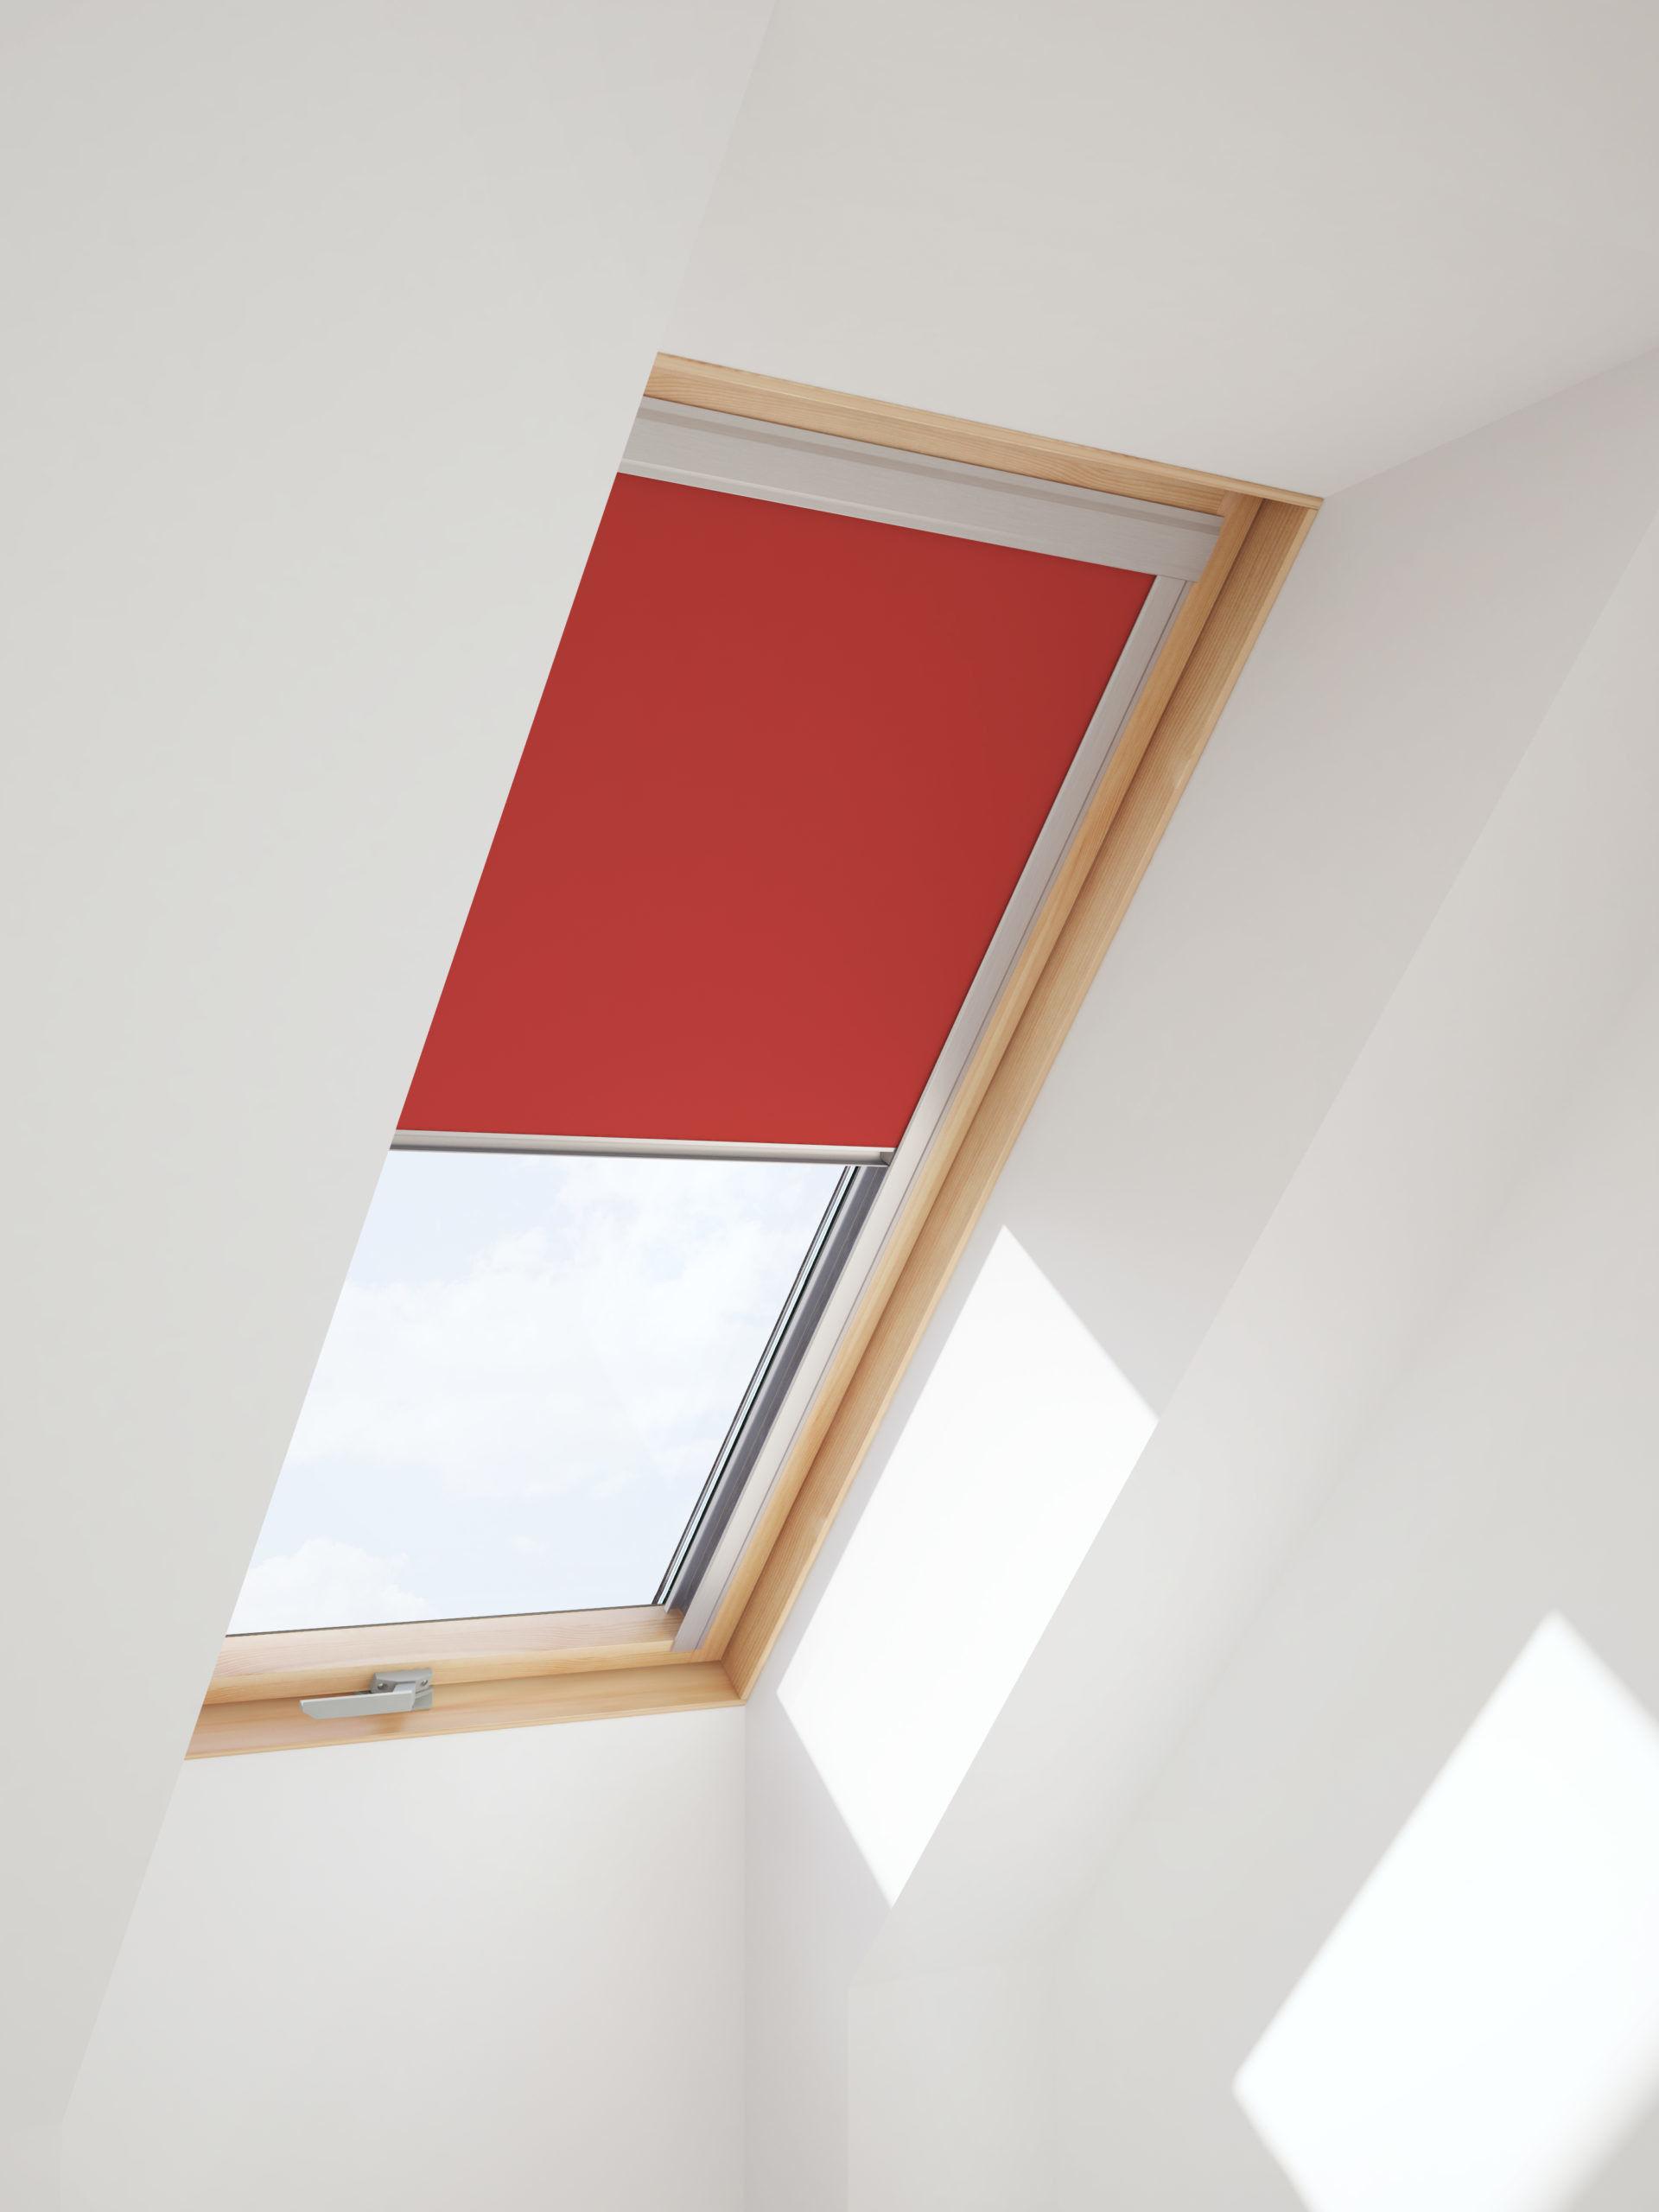 ROLETA ZACIEMNIAJĄCA ROOFART DUR - kolor 4213 (czerwony) - 55x78 C2A